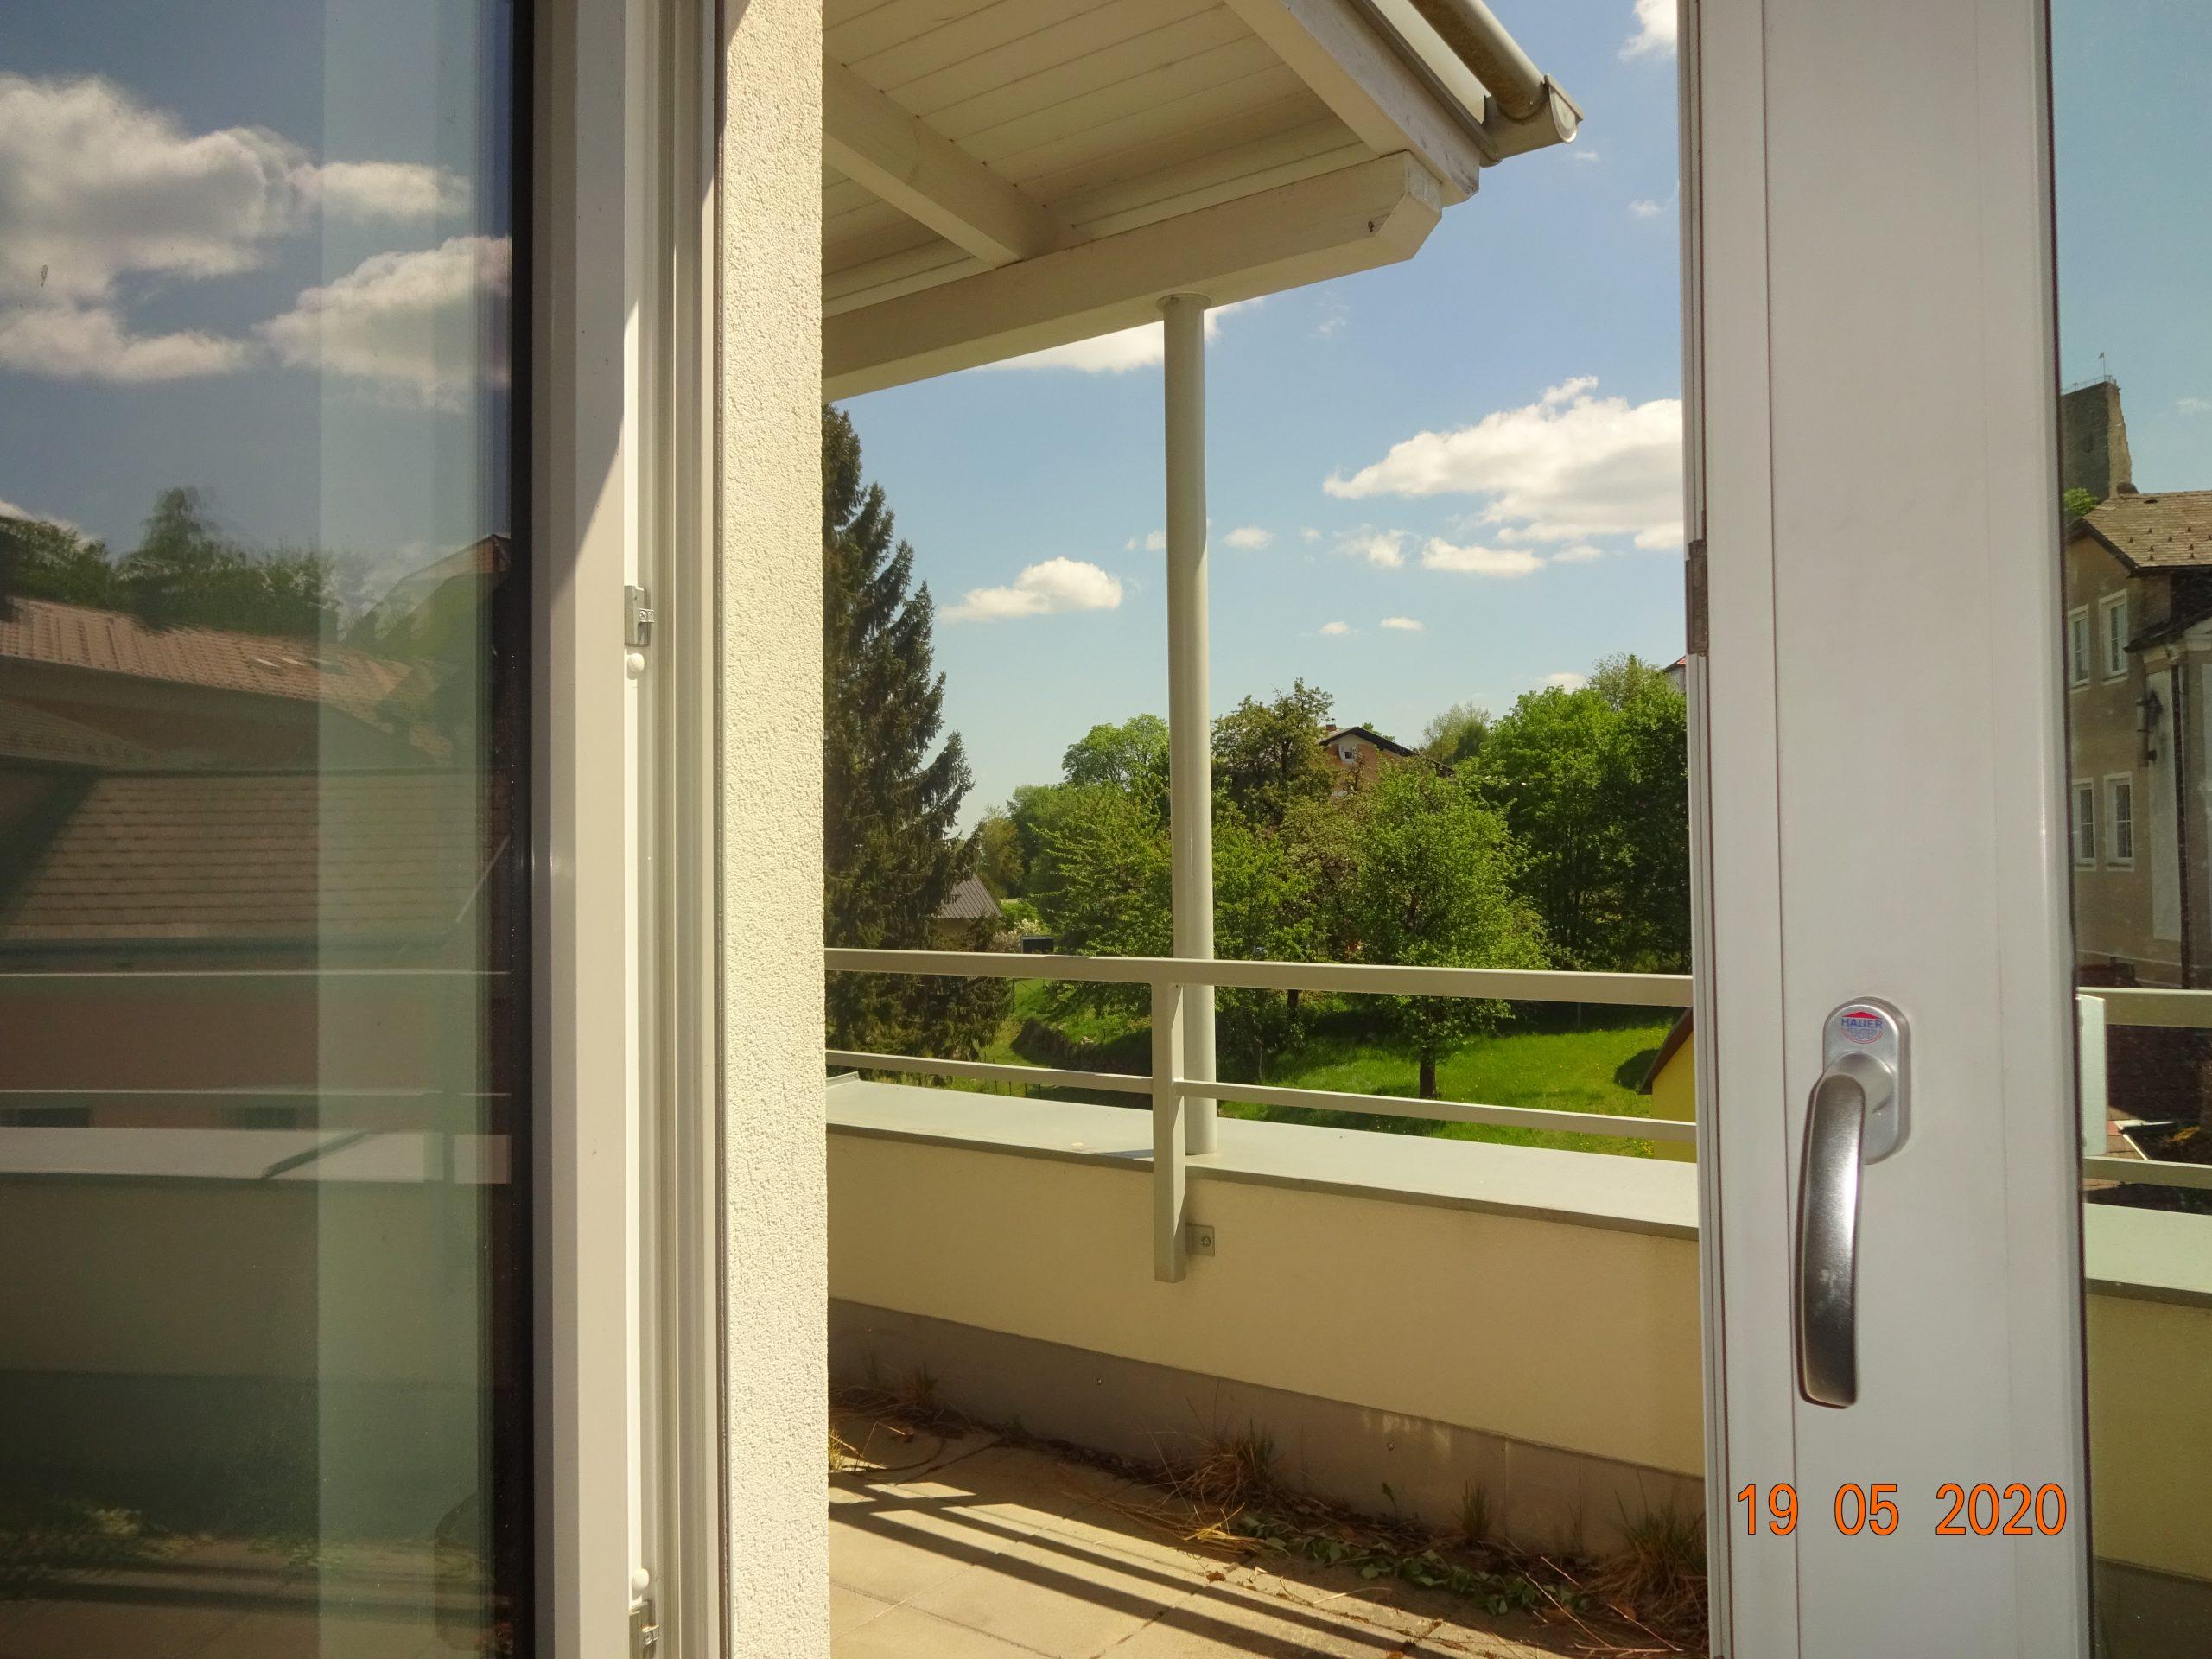 Immobilie von Kamptal in 3925 Arbesbach, Zwettl, Arbesbach II - Top 7 #4